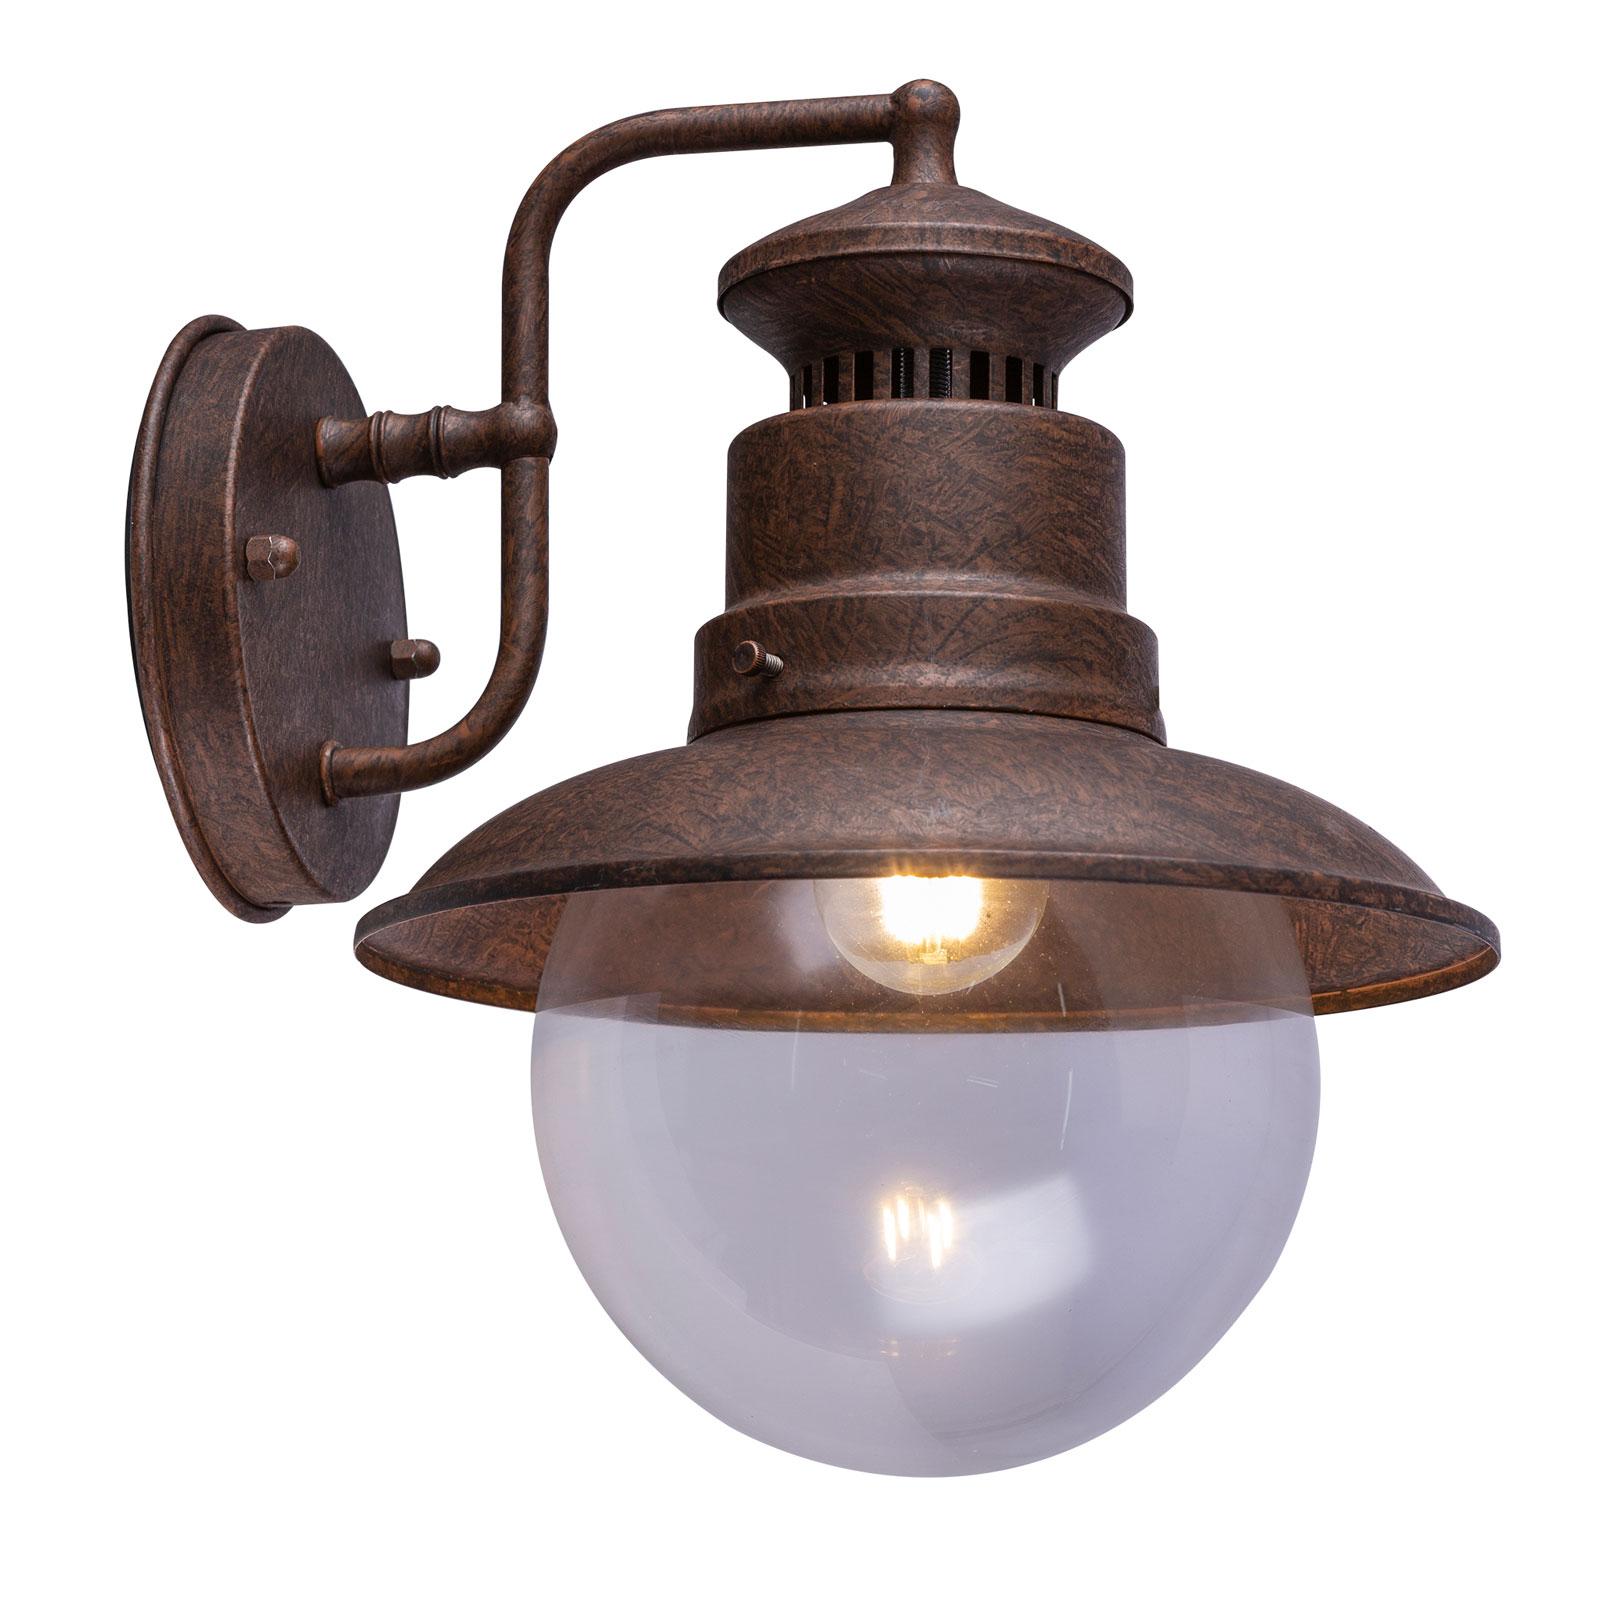 Buitenwandlamp Sella van roestkleurige staal